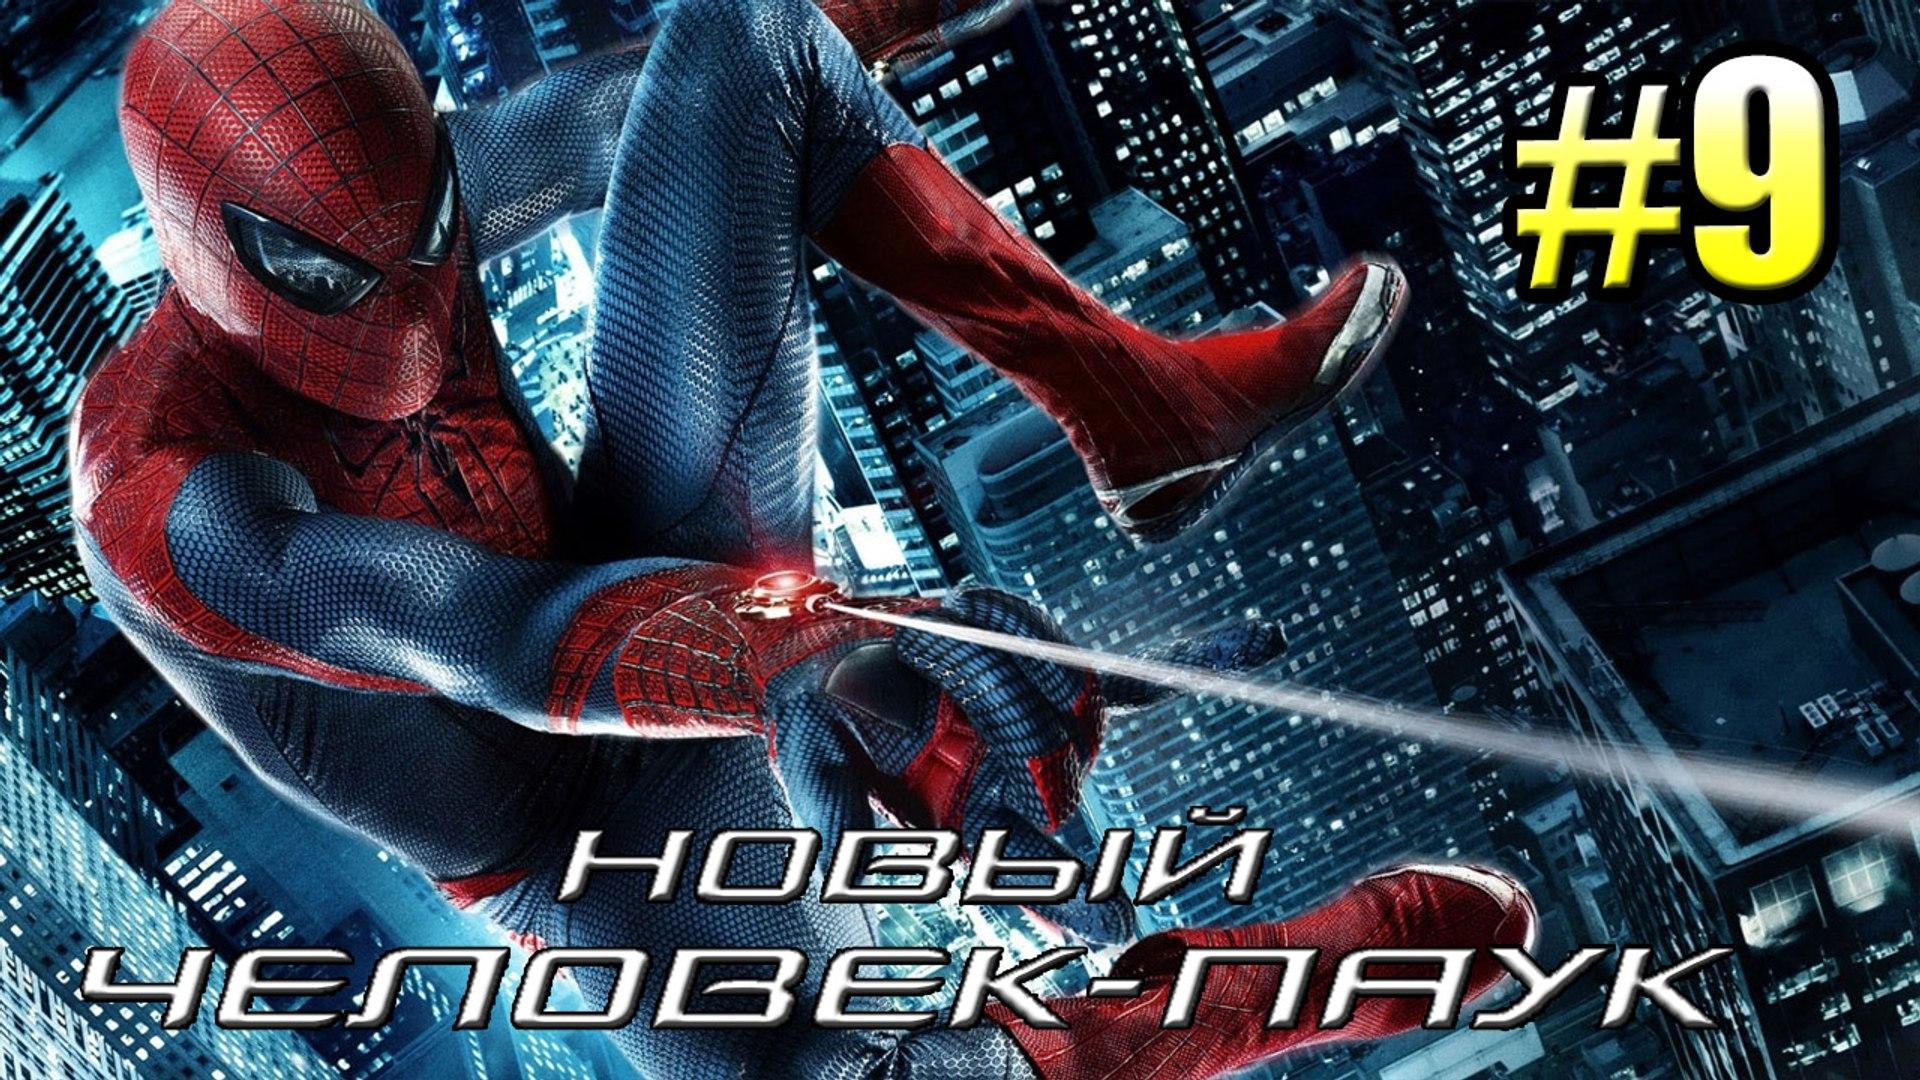 НОВЫЙ ЧЕЛОВЕК-ПАУК (The Amazing Spider-Man) прохождение #9 — ЗОНА ЛОВУШЕК